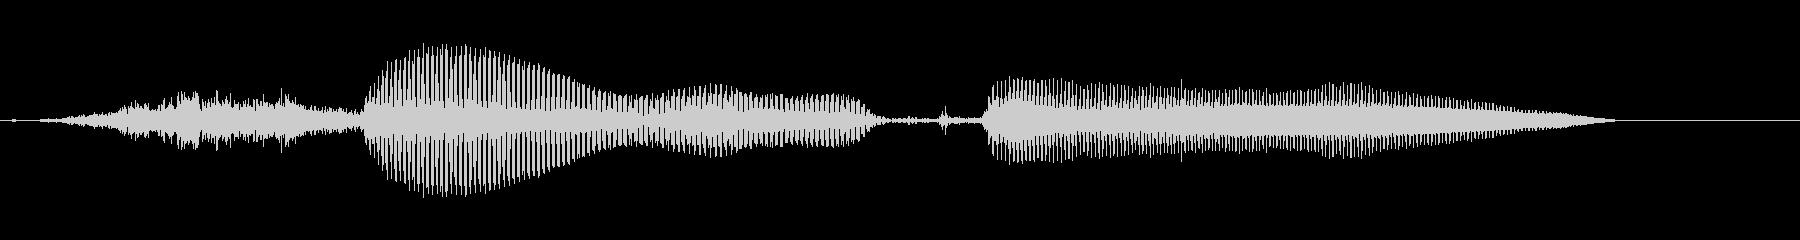 シーユーアゲイン(こども)の未再生の波形